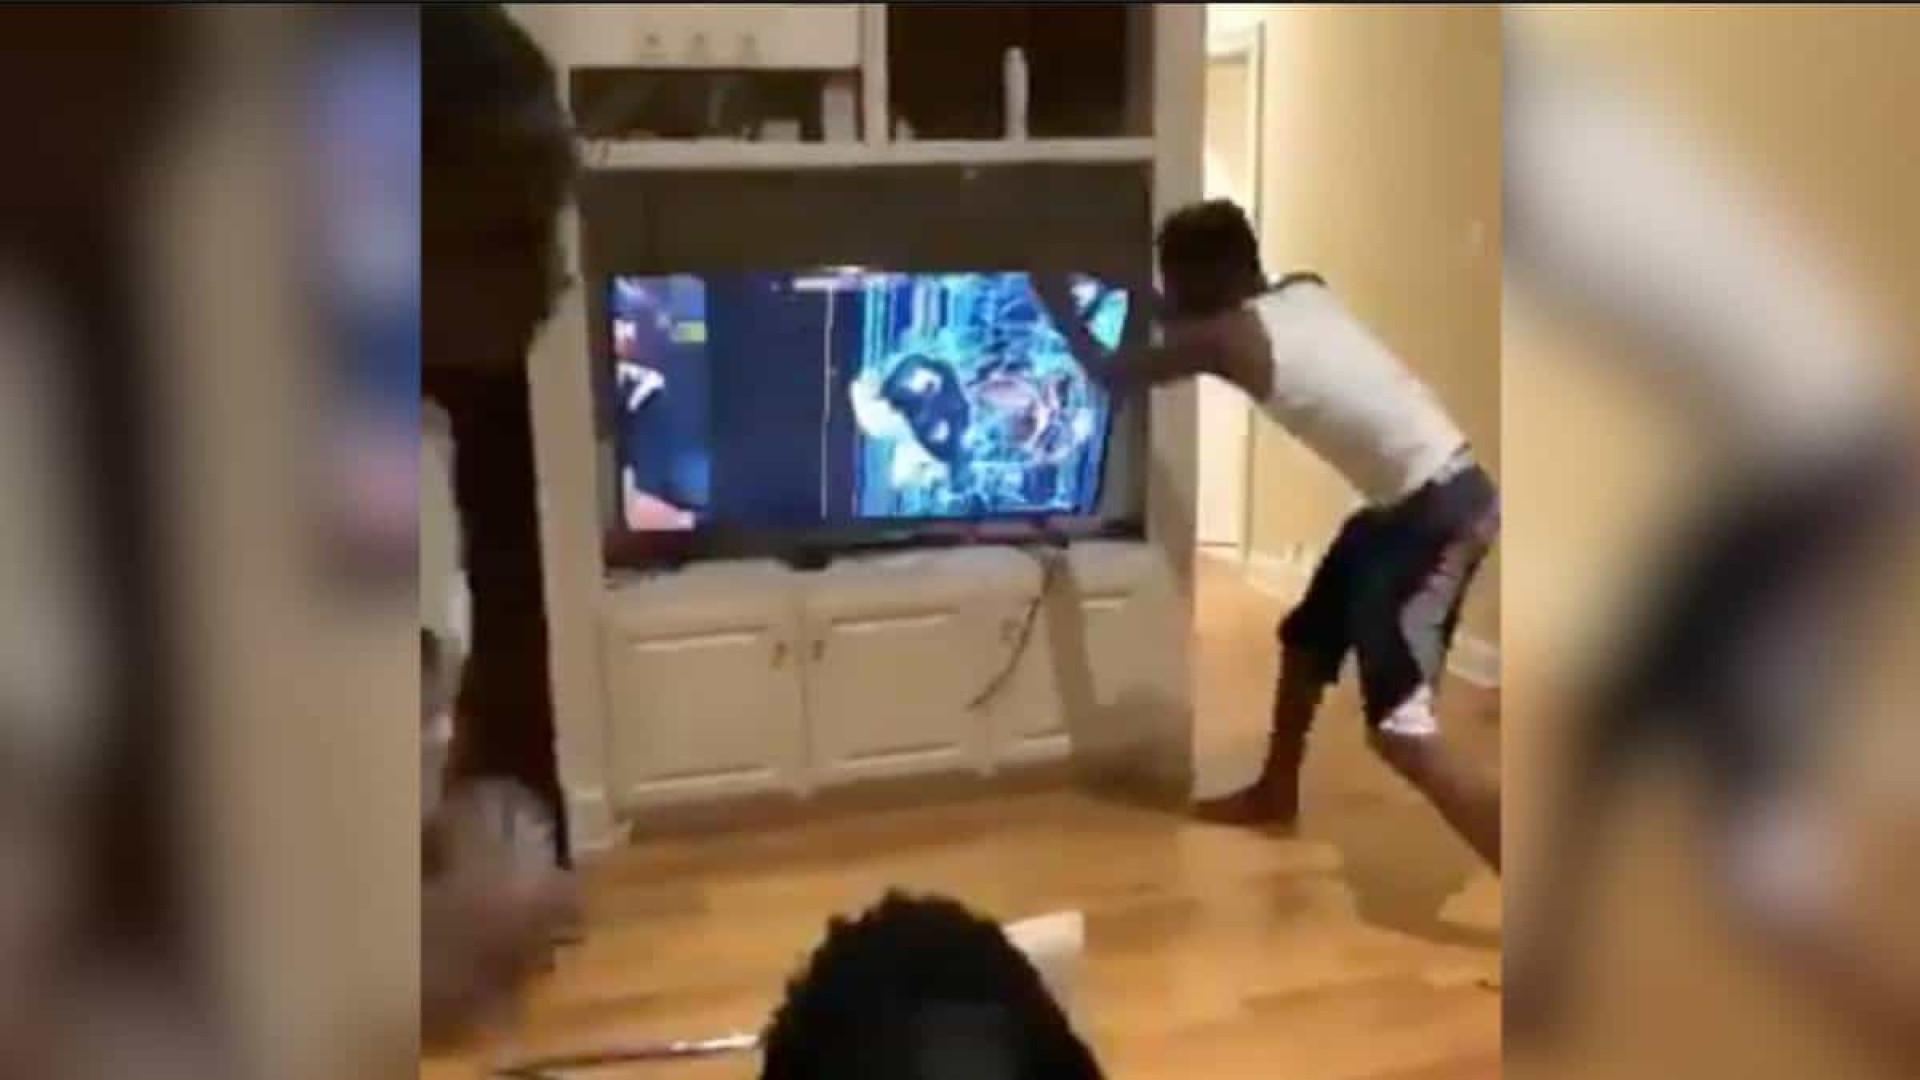 Imagens virais: Adepto dos Warriors enlouquece e parte duas televisões